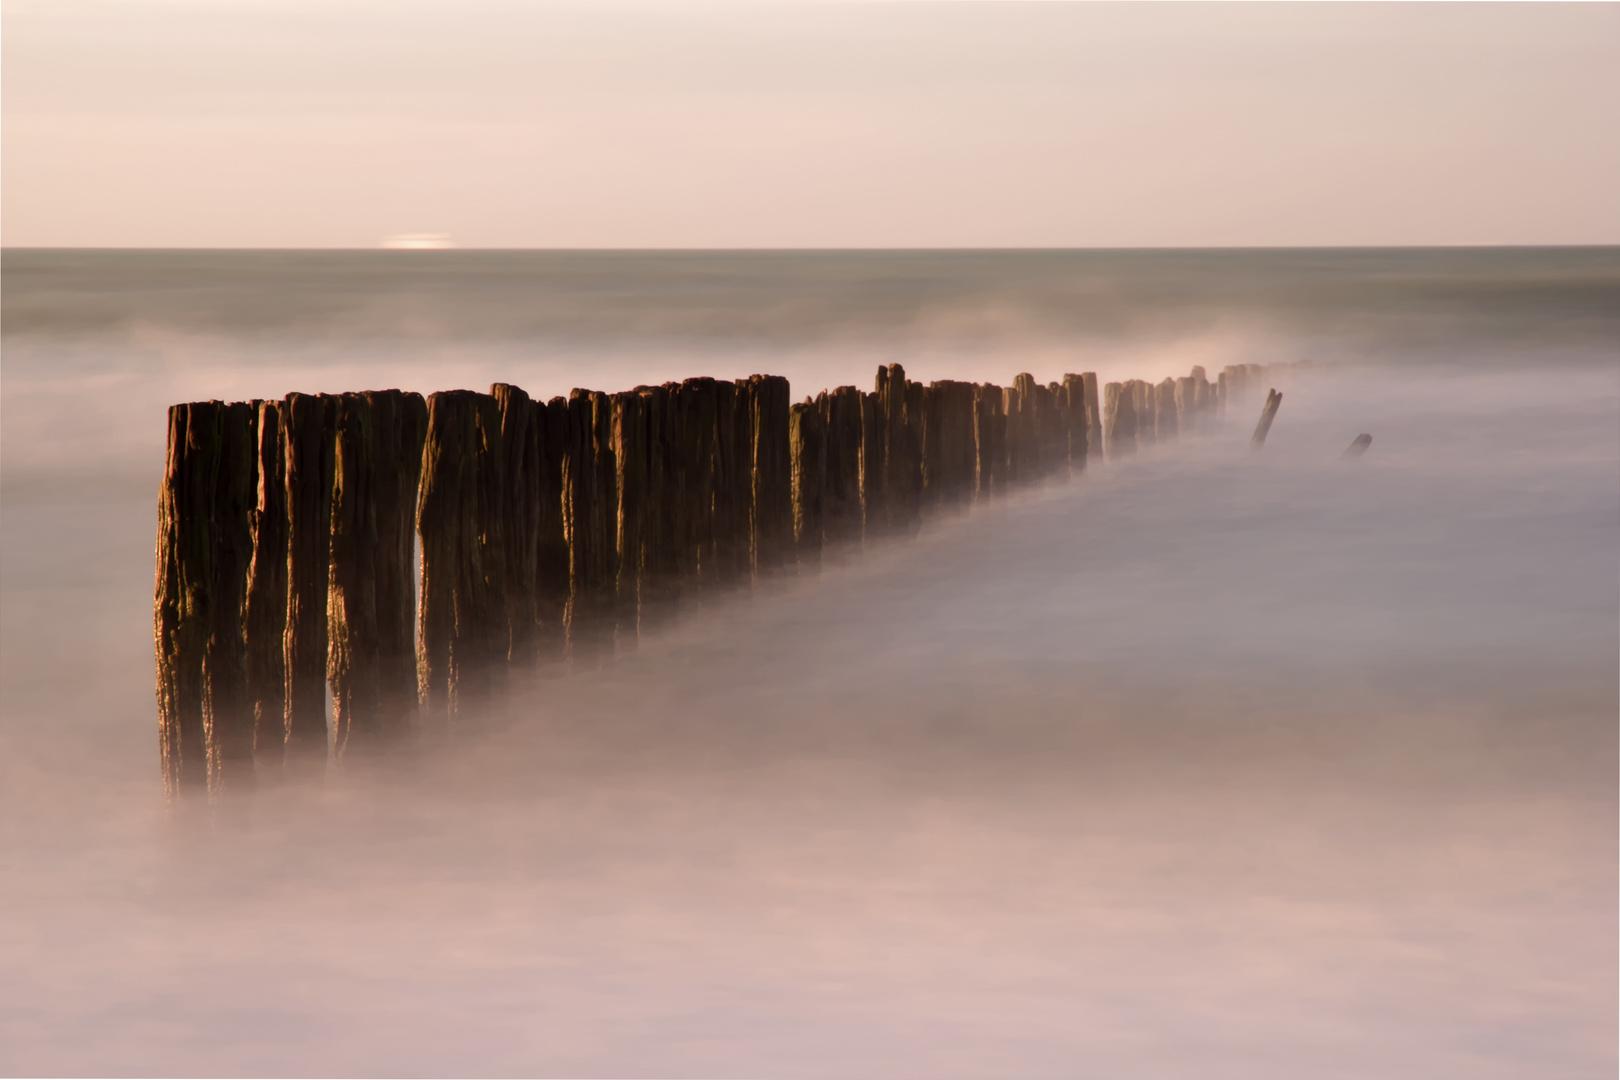 Wellenbrecher am Strand von Sangatte, Normandie